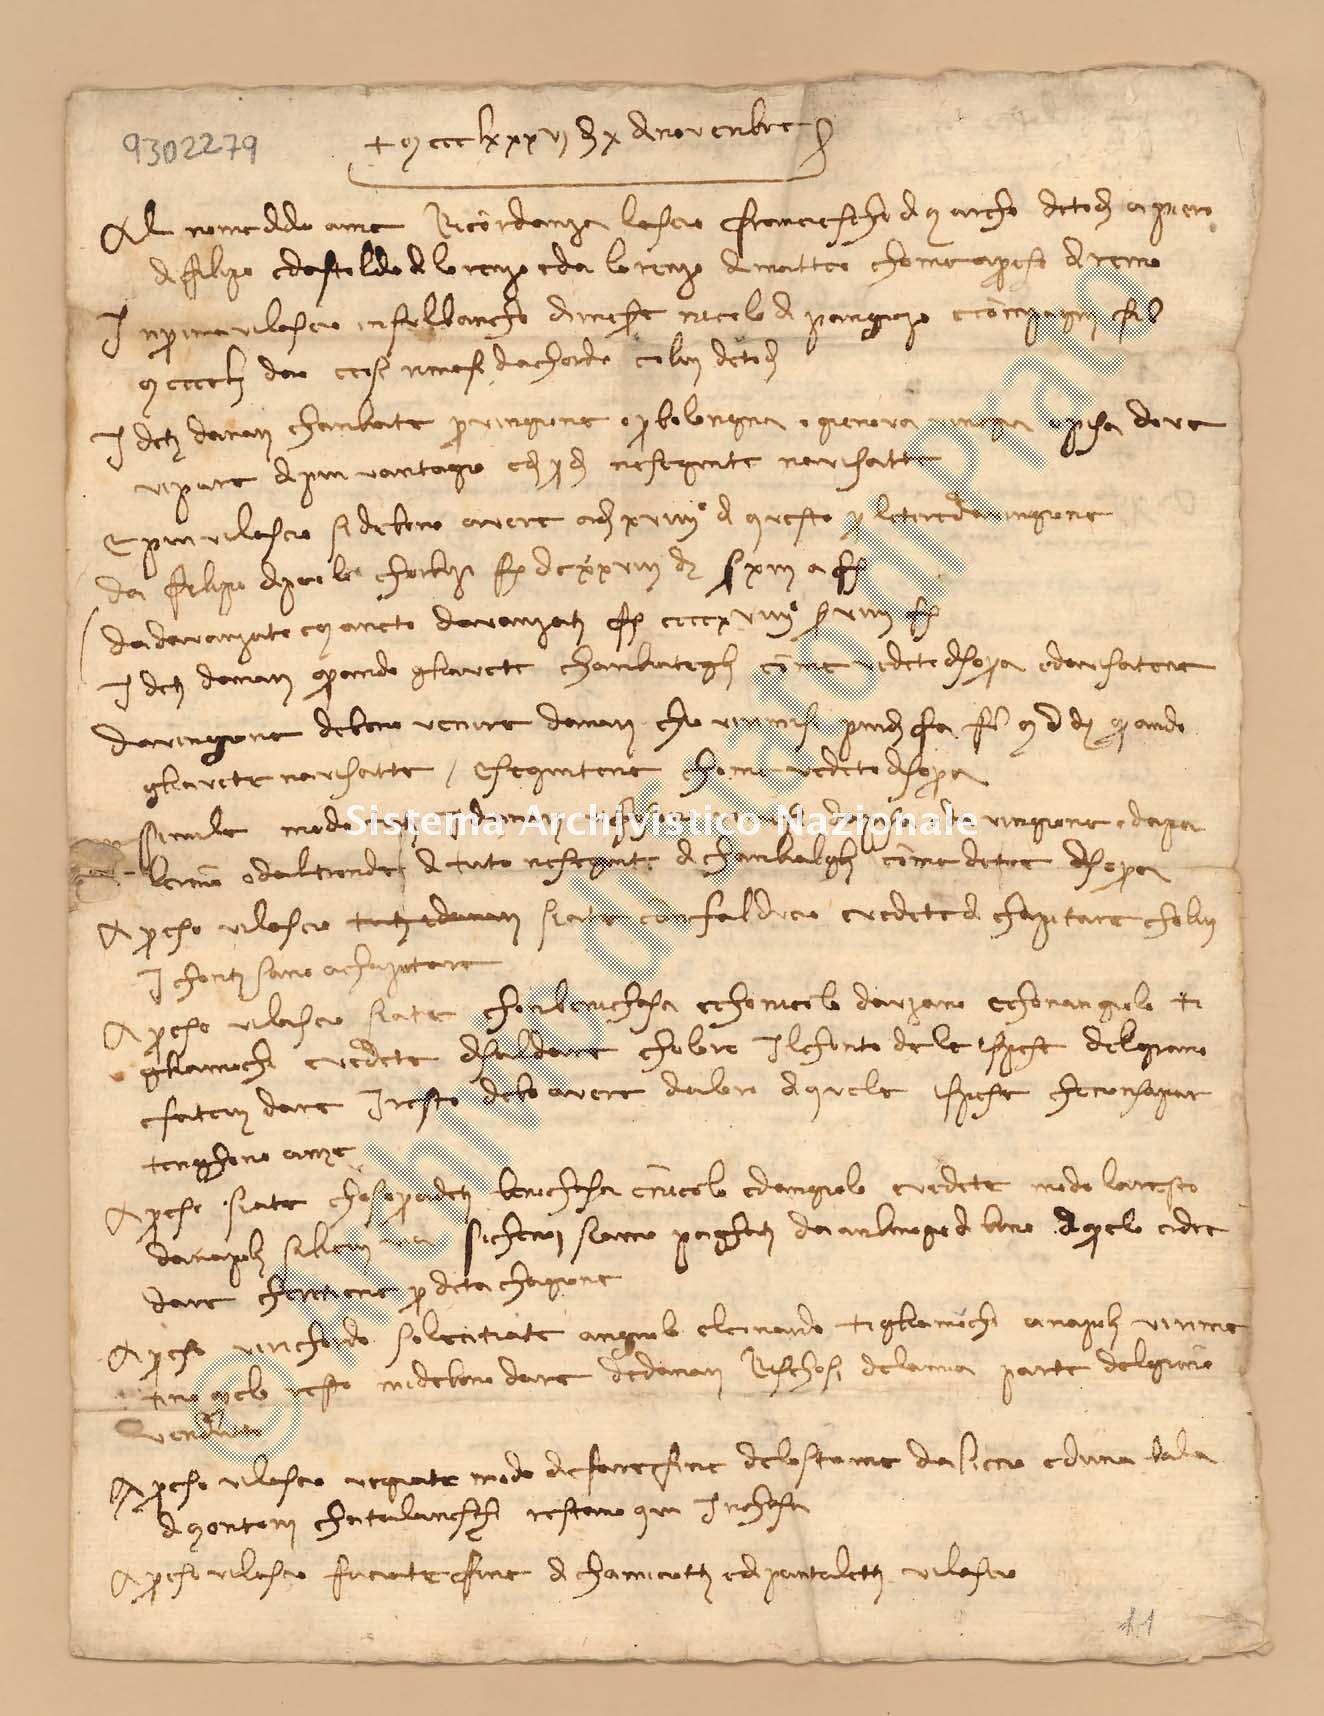 Archivio di Stato di Prato, Fondo Datini, Carteggio specializzato, Ricordanze, Busta 1166 (busta 1166, codice 9302279)